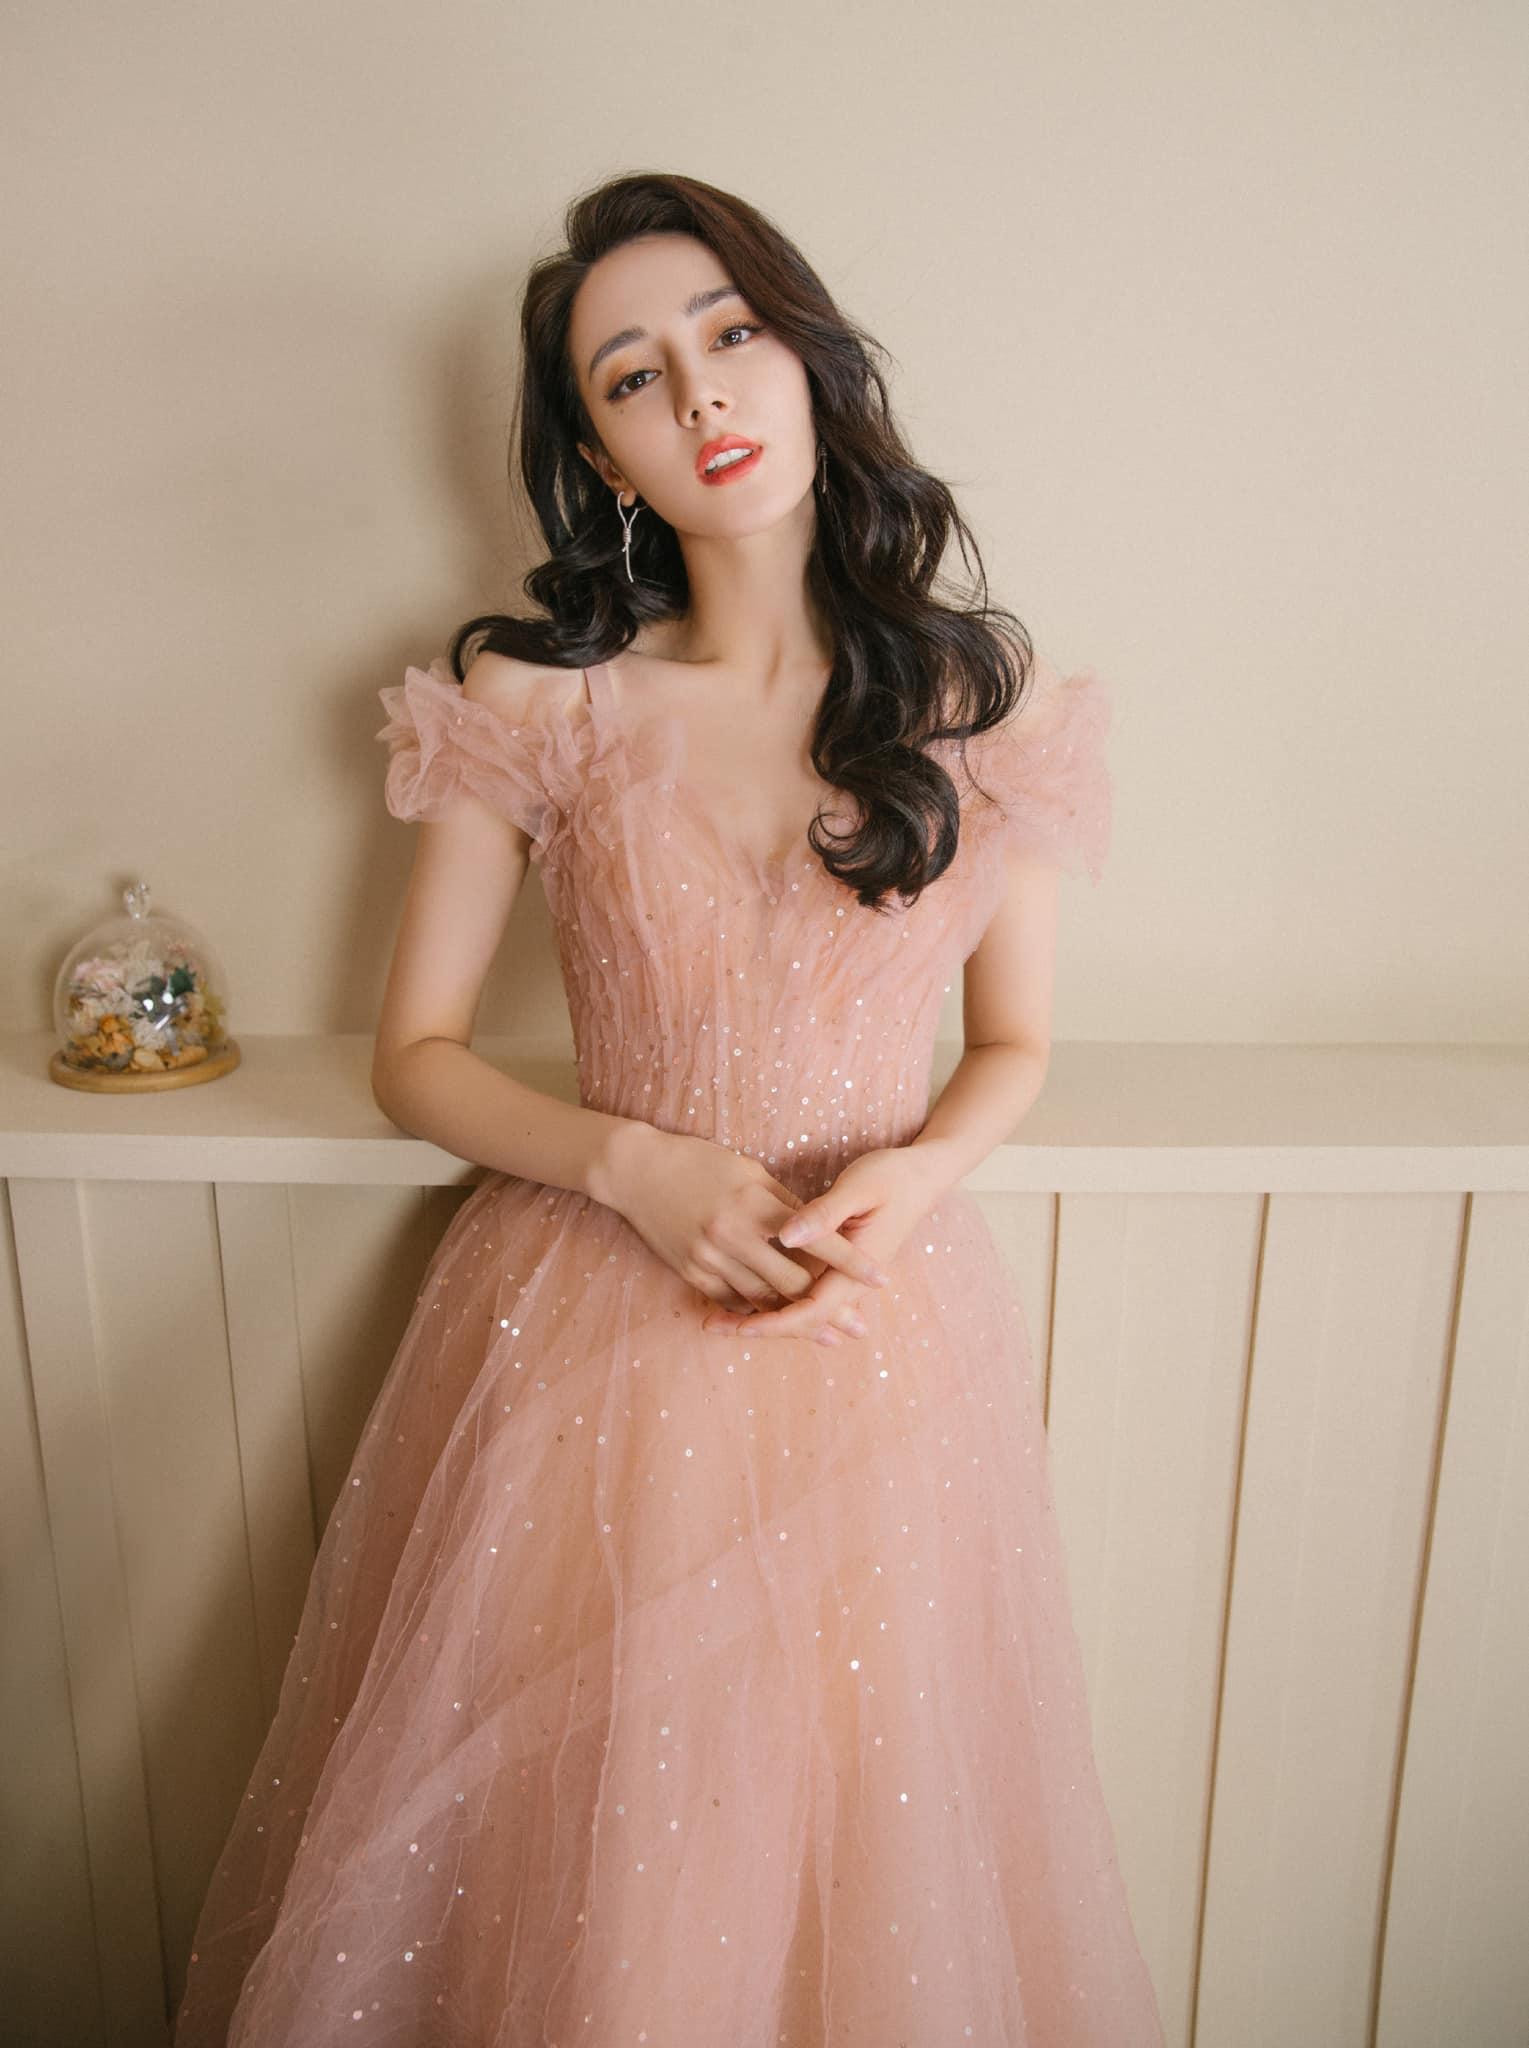 Trong những bộ ảnh thời trang, kiểu váy công chúa bồng bềnh cầu kỳ cũng được cô ưa chuộng để tôn vinh nhan sắc.